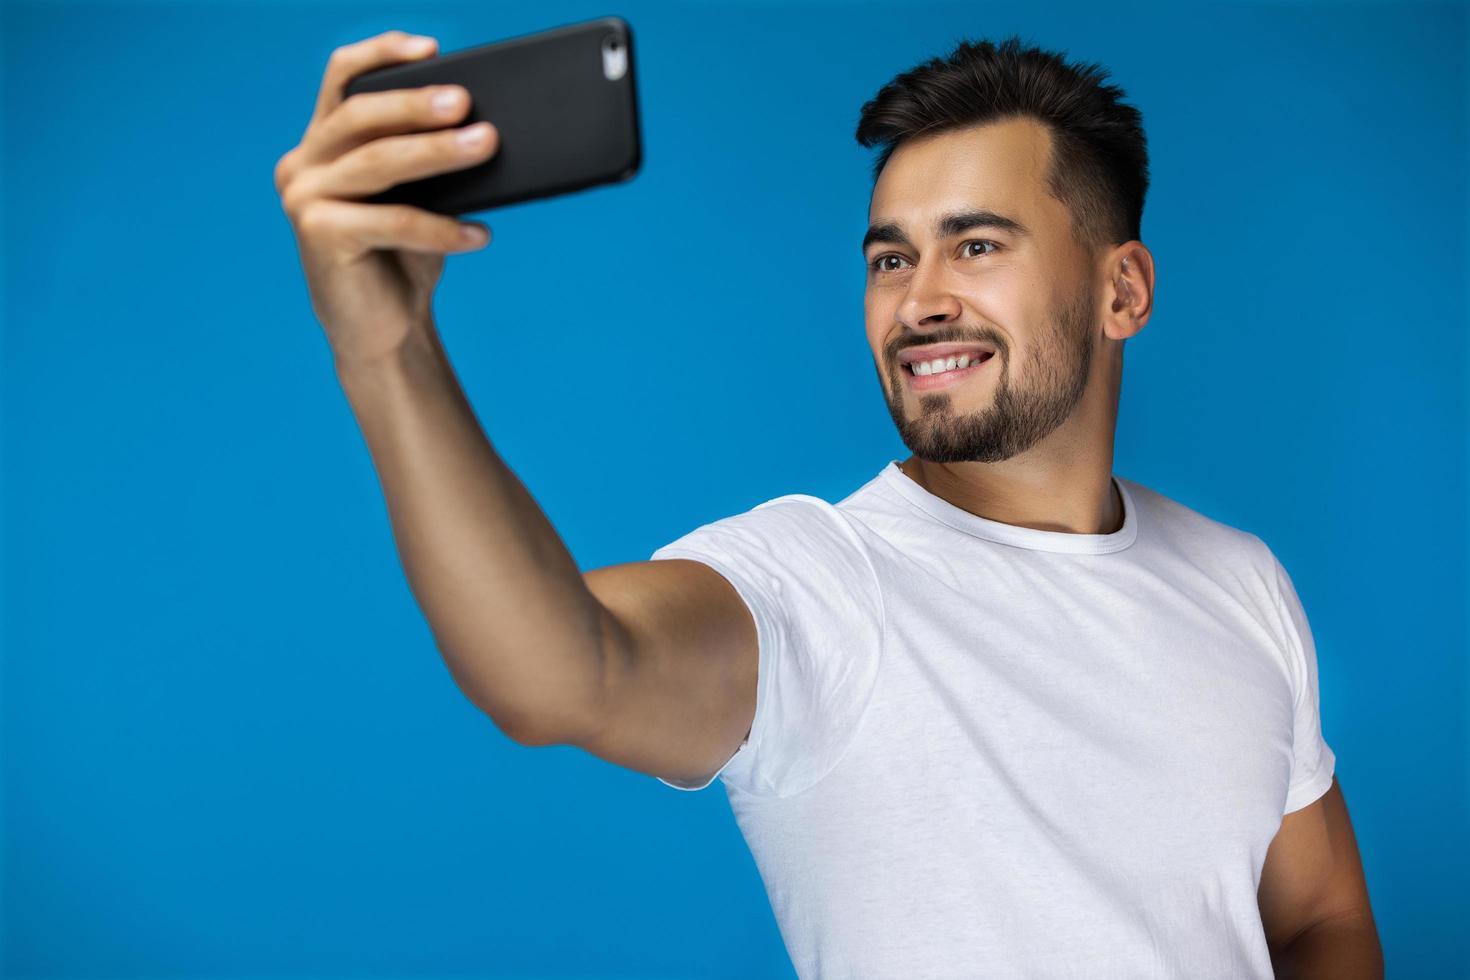 homme prenant un selfie photo